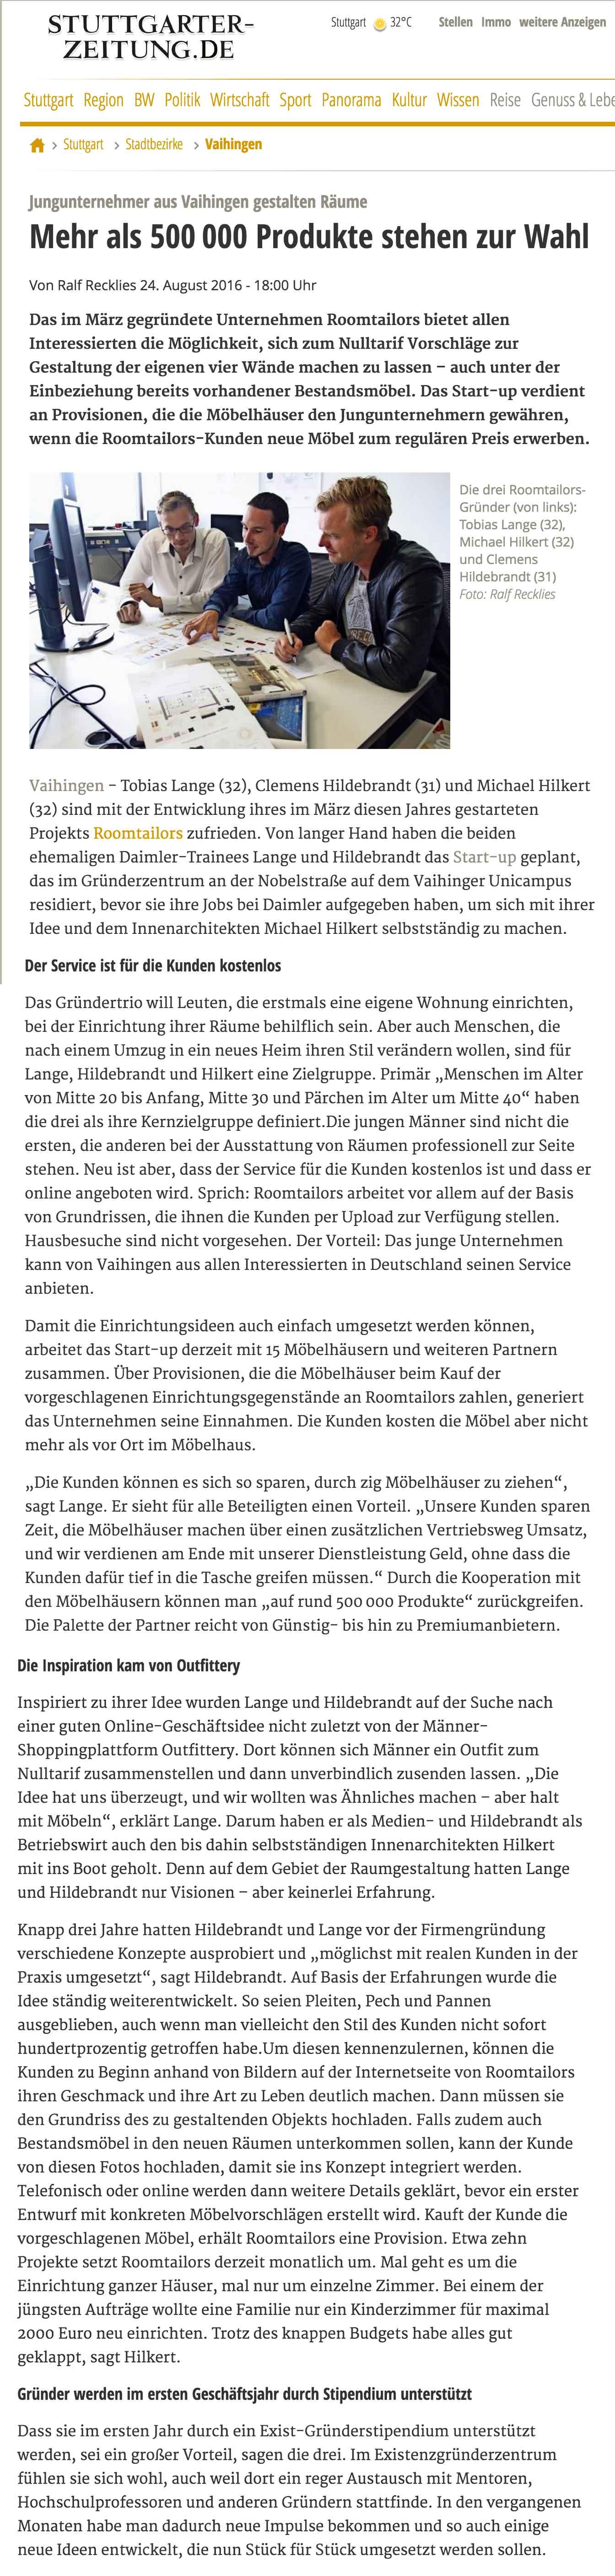 24.08.2016 Roomtailors Stuttgarter Zeitung